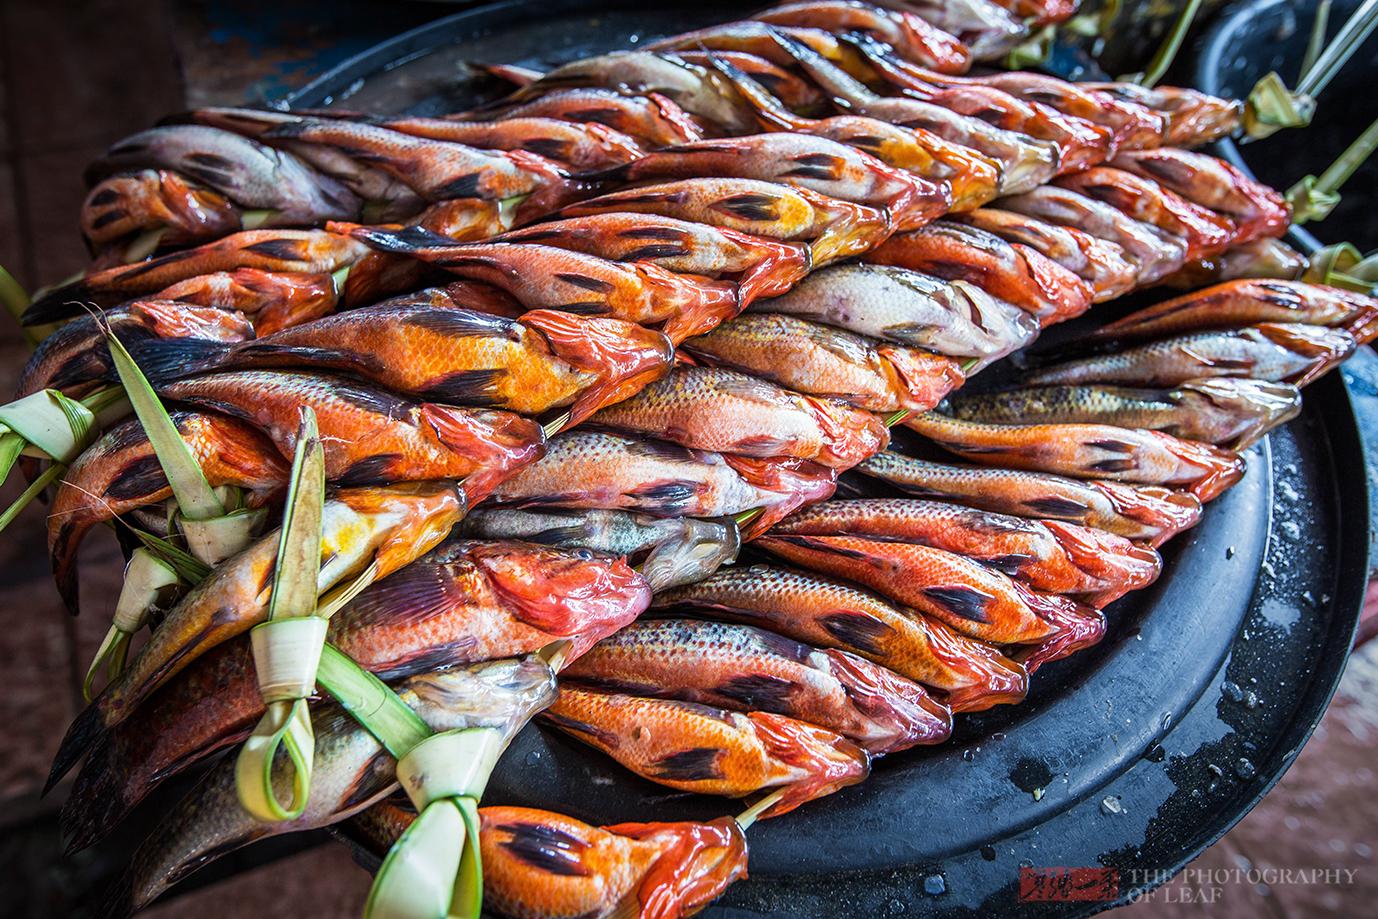 高档海鲜全被中国人吃了,海鲜市场只有鱼,当地人更爱蝙蝠蟒蛇